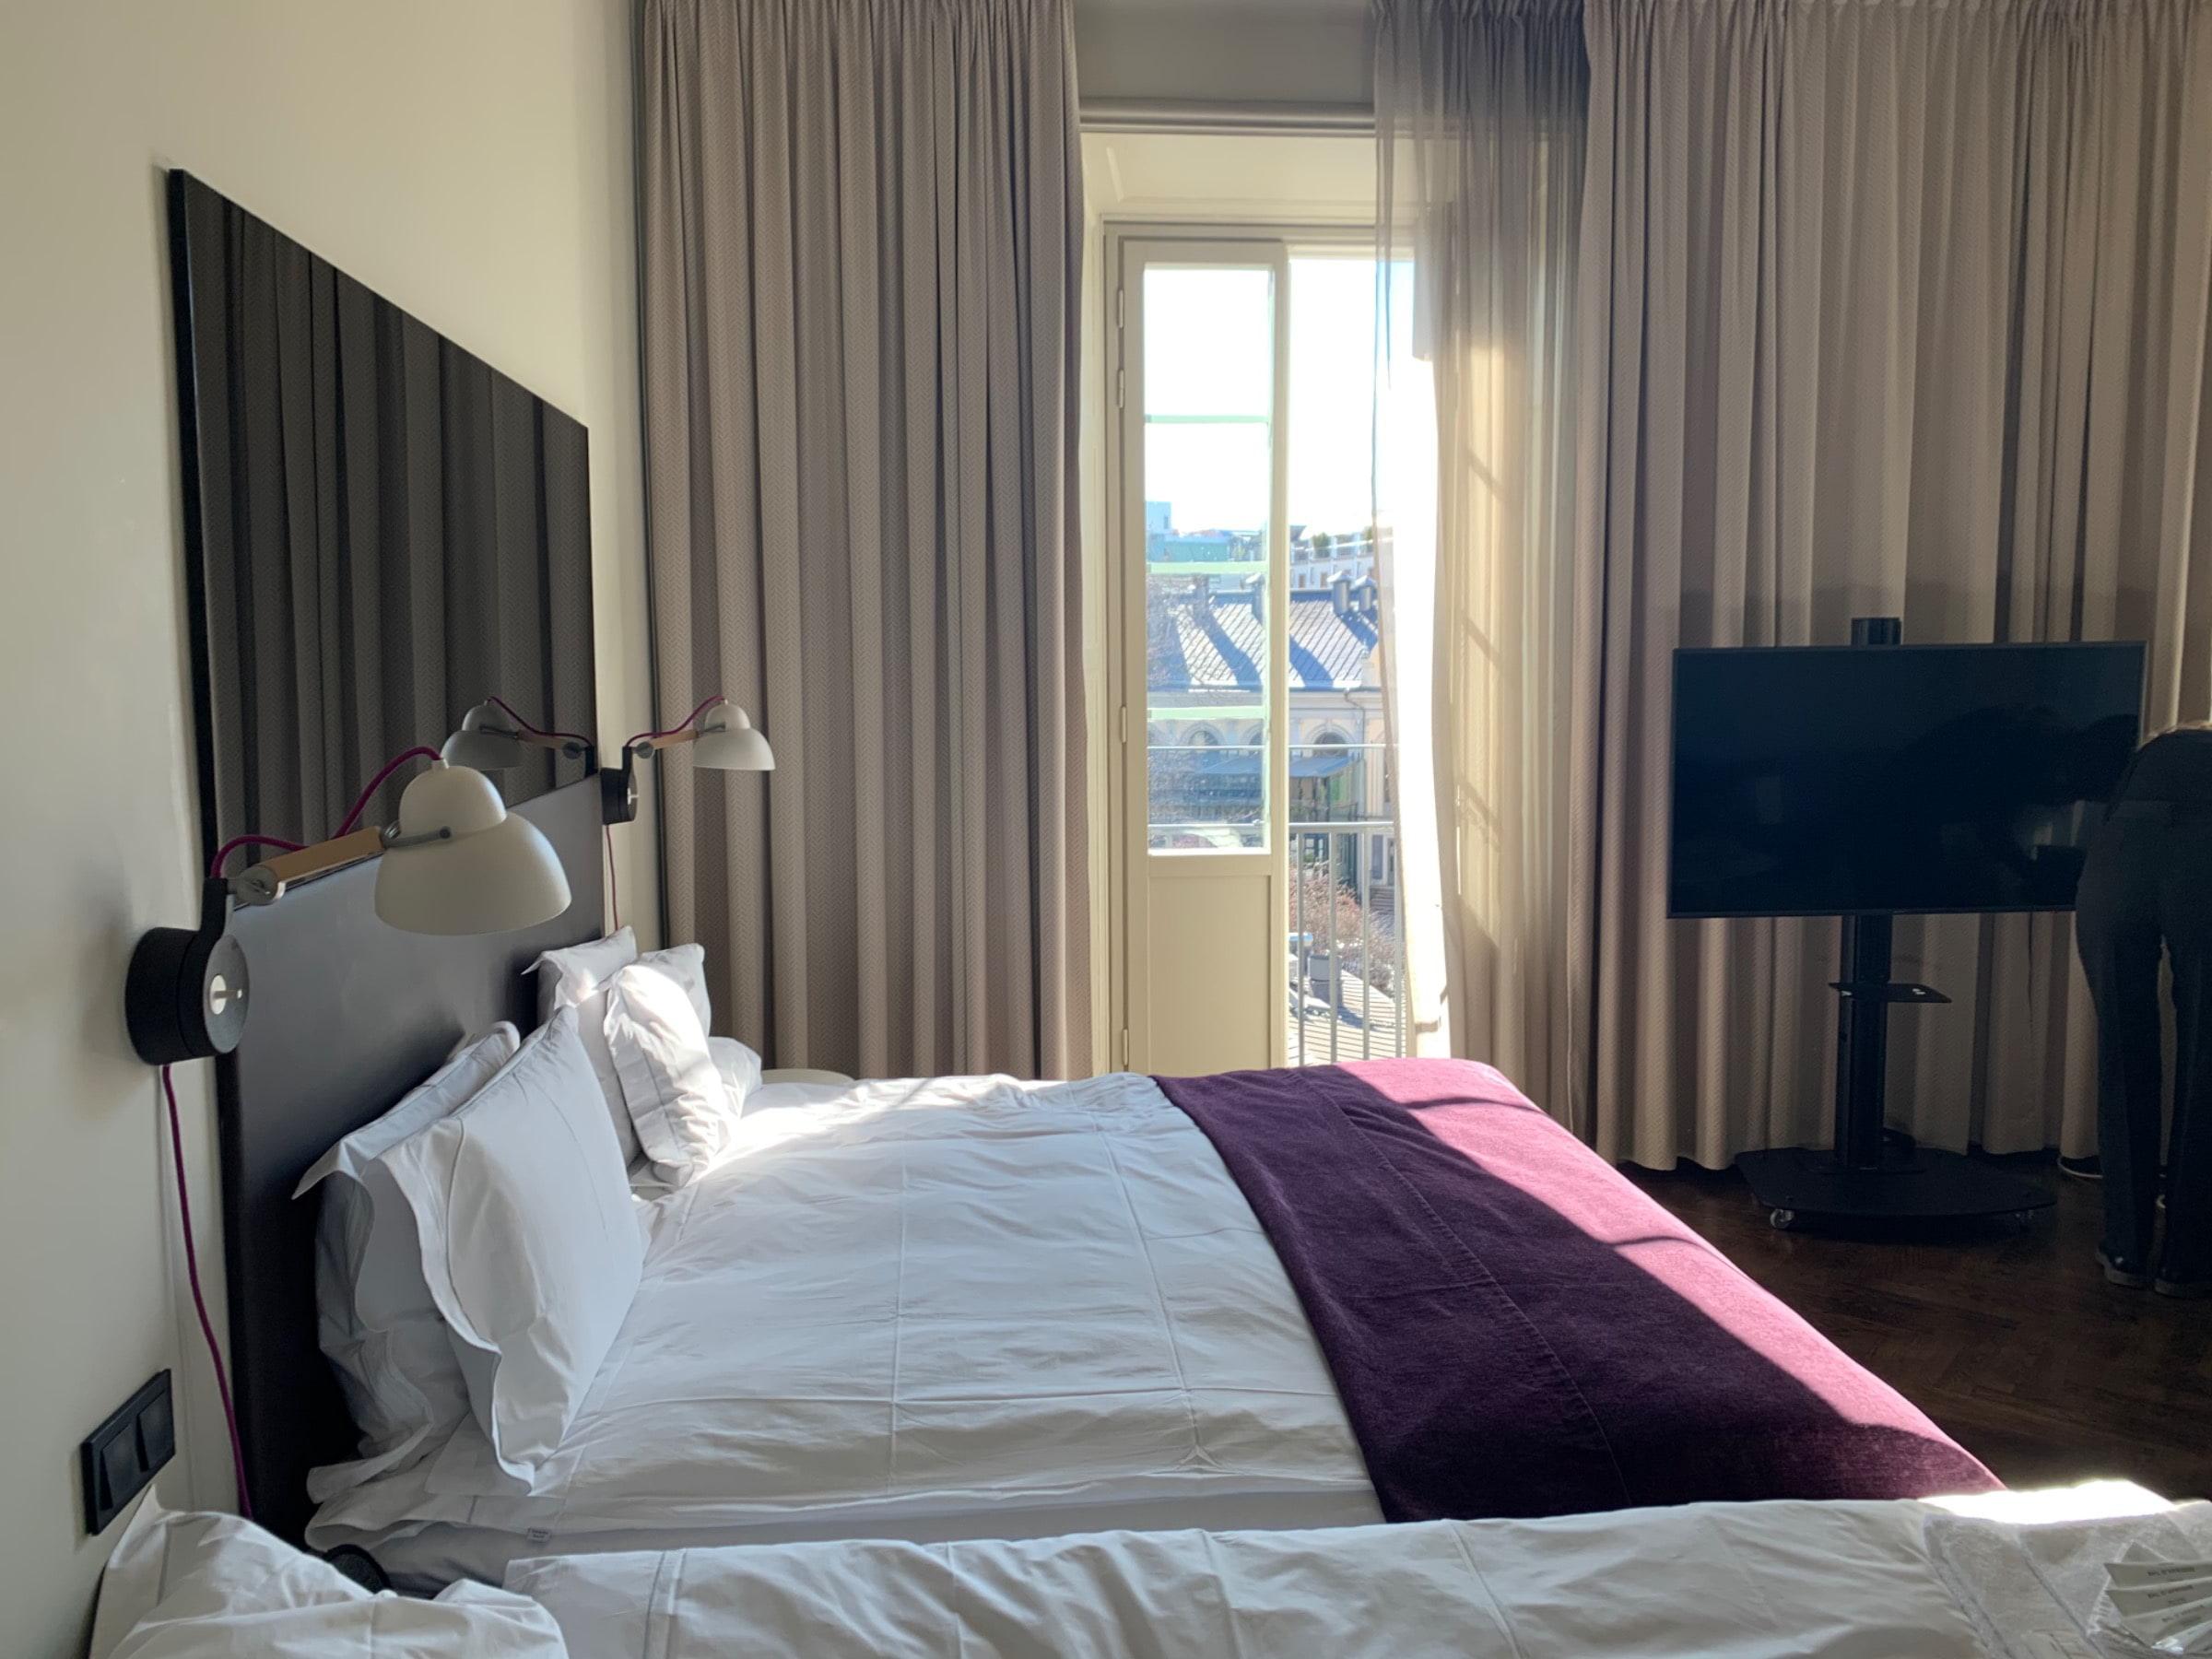 Bild från Nobis Hotel av Malin S.